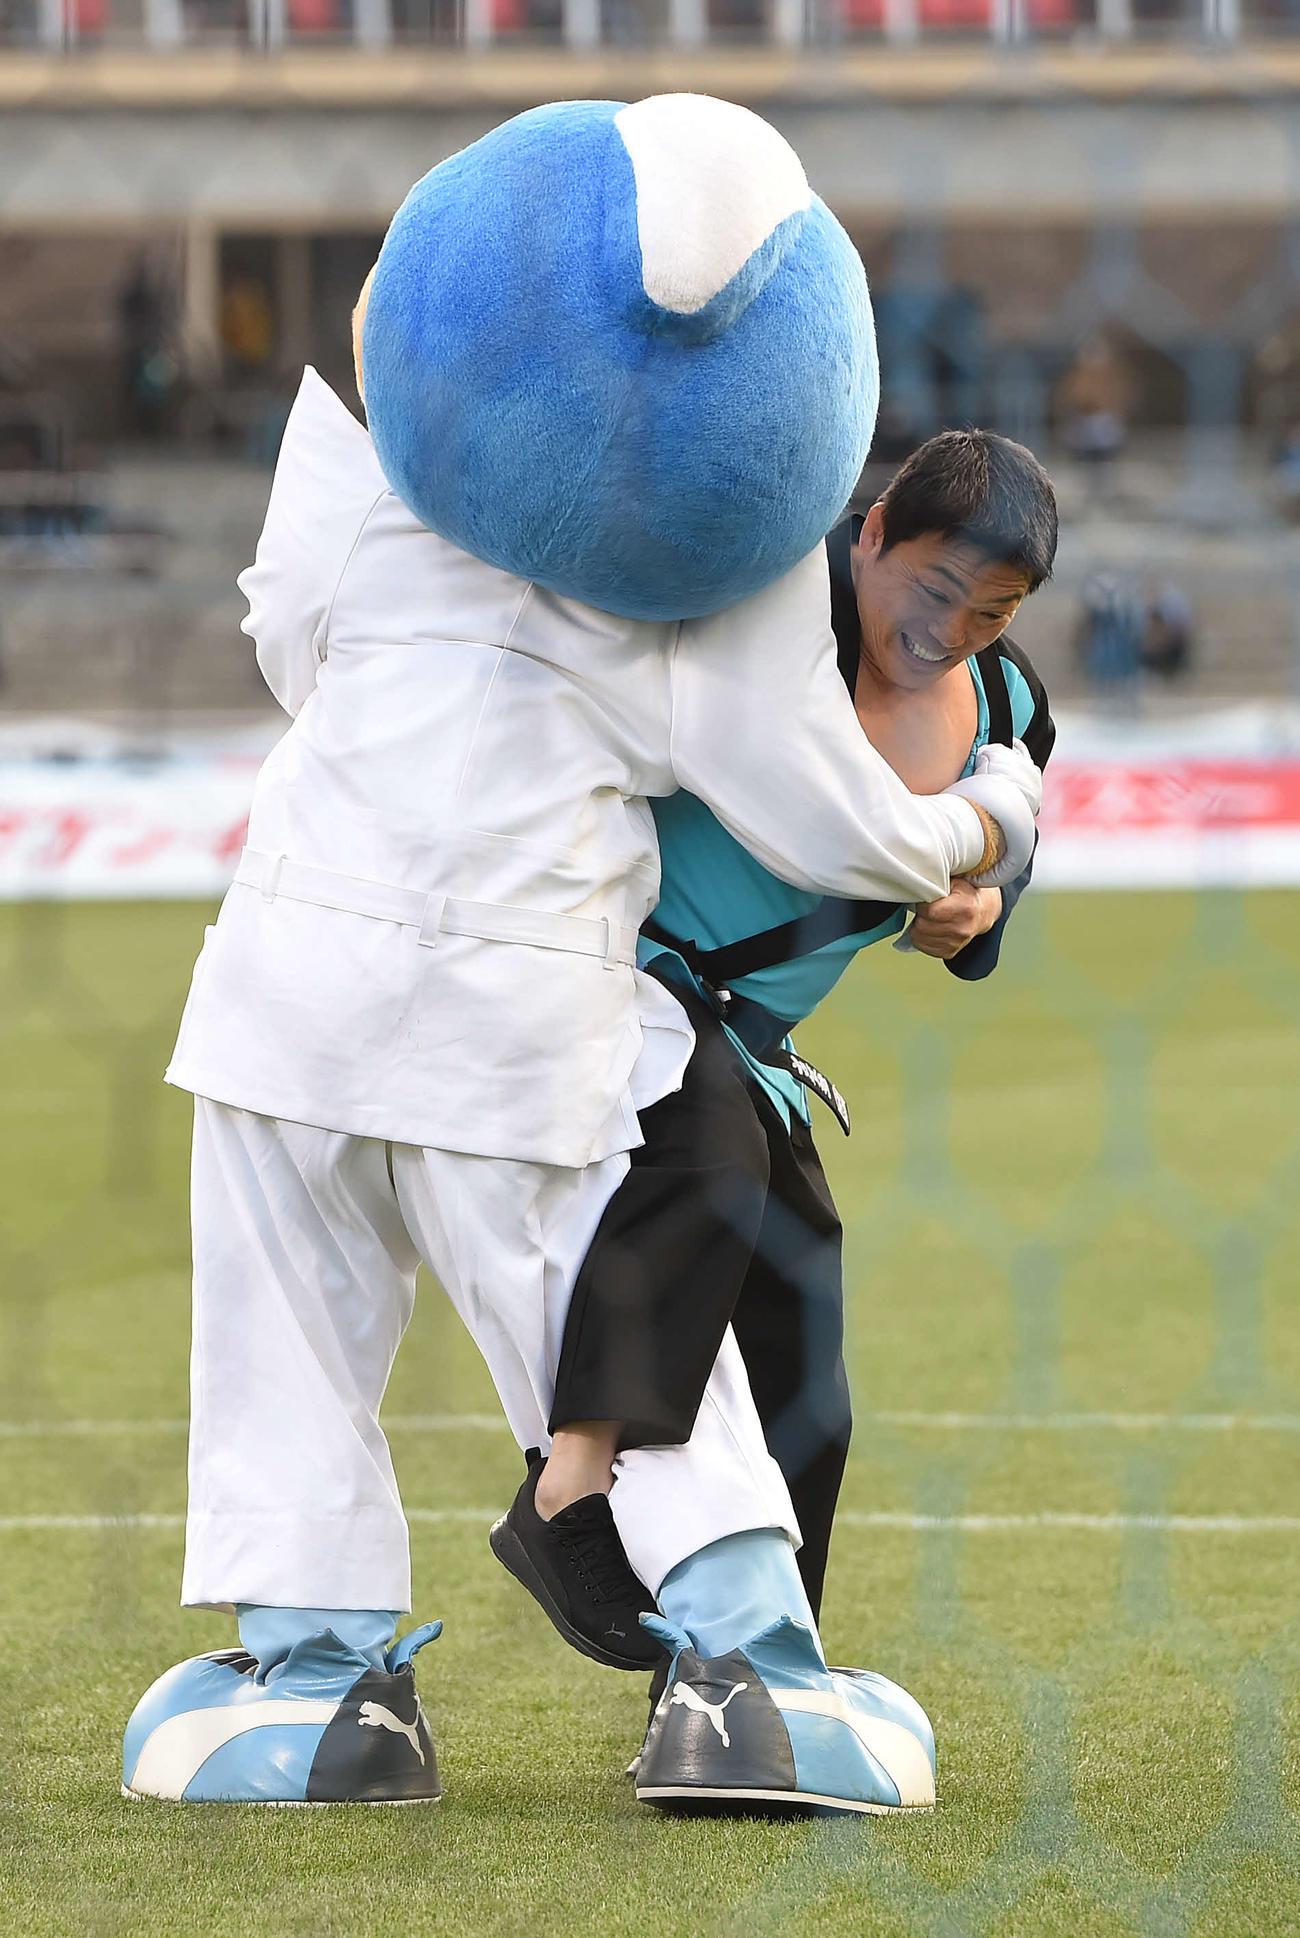 20年2月22日、川崎F-鳥栖戦の始球式前にふろん太(左)と柔道対決をする